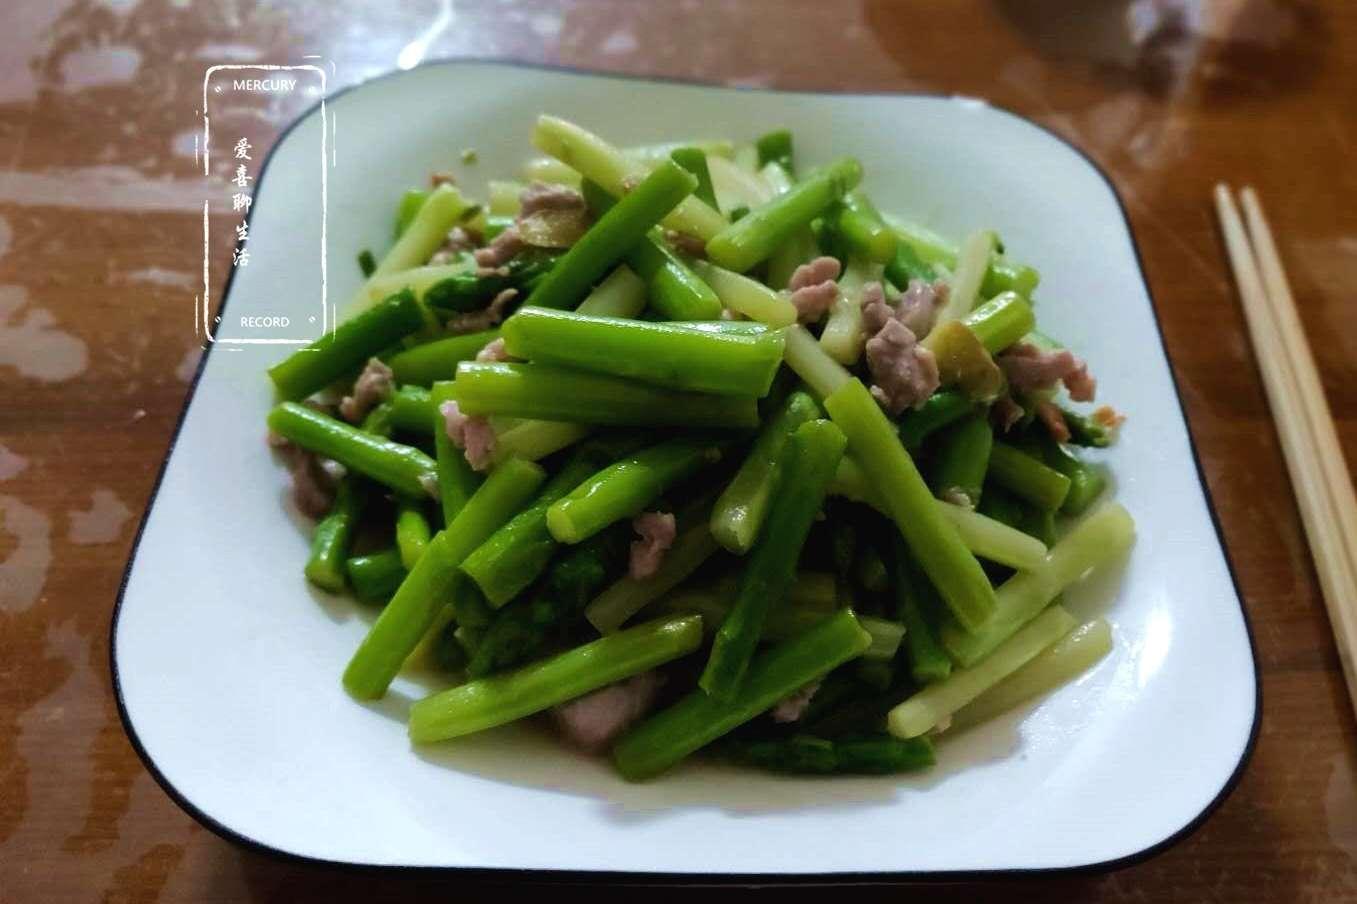 它是蔬菜中的贵族,16块一斤,蛋白质含量极高,常吃可提高免疫力